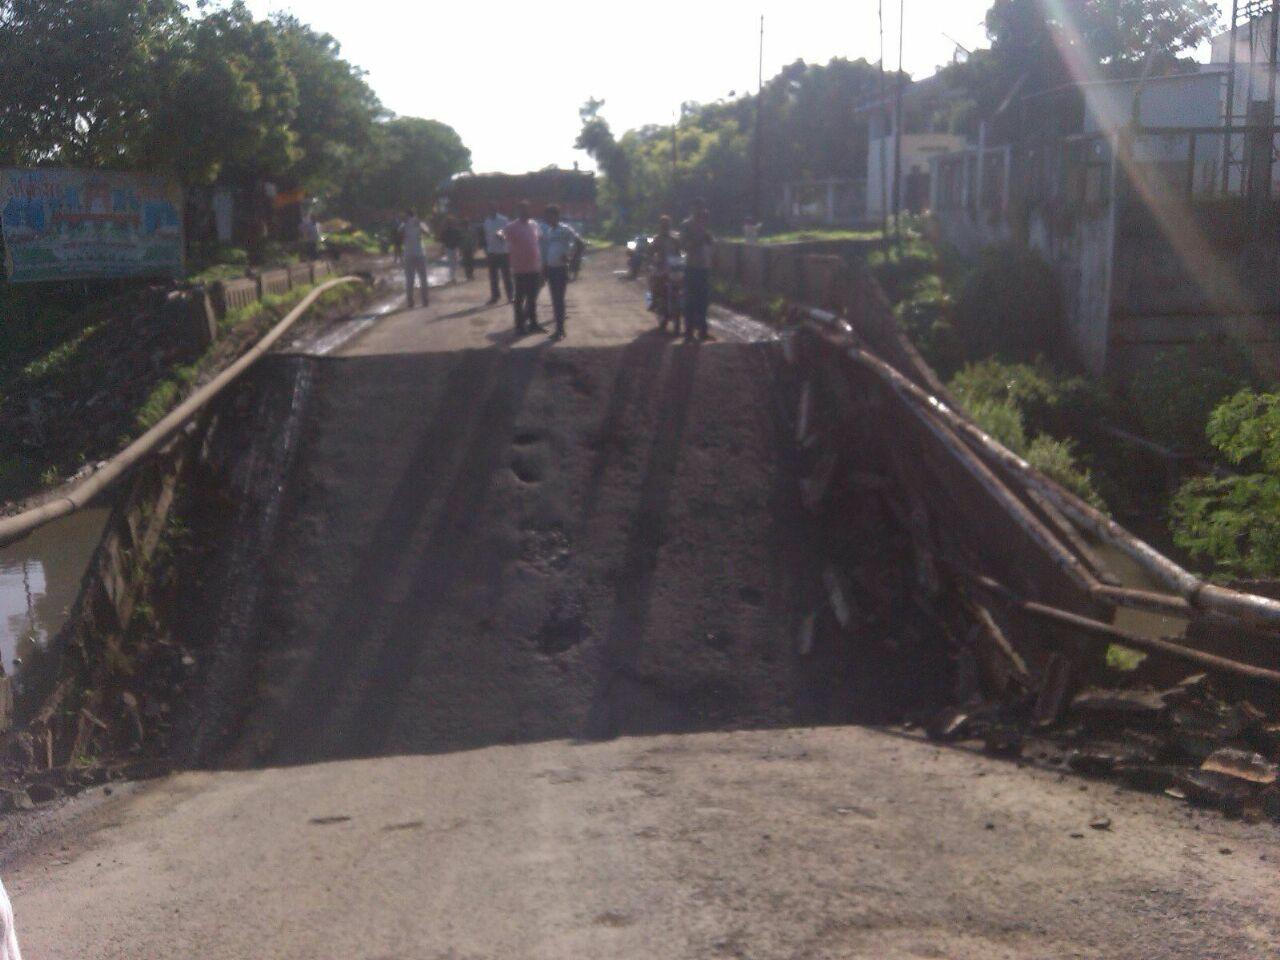 महाराष्ट्रासह, मध्यप्रदेश तसच गुजरात या तीन राज्यांना जोडणाऱ्या बऱ्हाणपूर अंकलेश्वर महामार्गावरील पुलांची अवस्था अतिशय दयनीय झालीय.